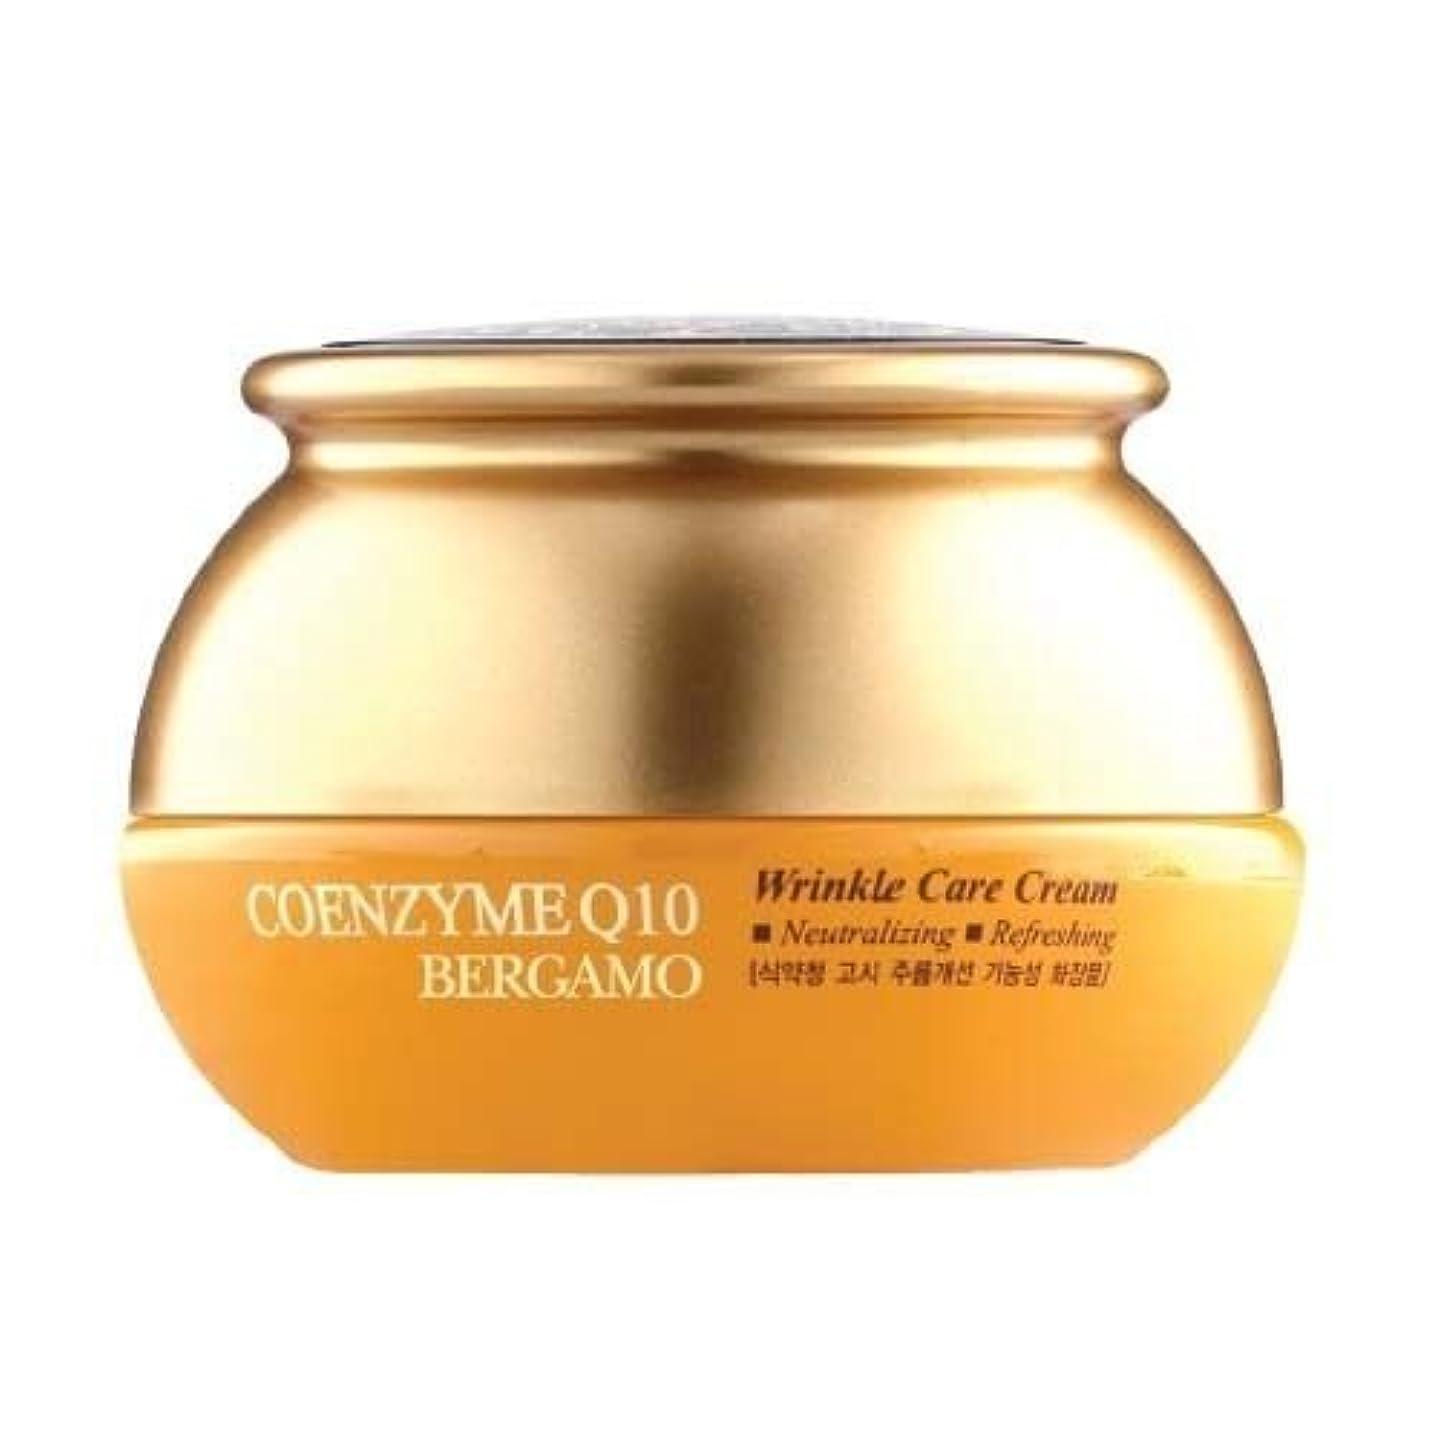 集める立ち向かう緯度ベルガモ[韓国コスメBergamo]Coenzyme Q10 Wrinkle Care Cream コエンザイムQ10リンクルケアクリーム50ml しわ管理 [並行輸入品]